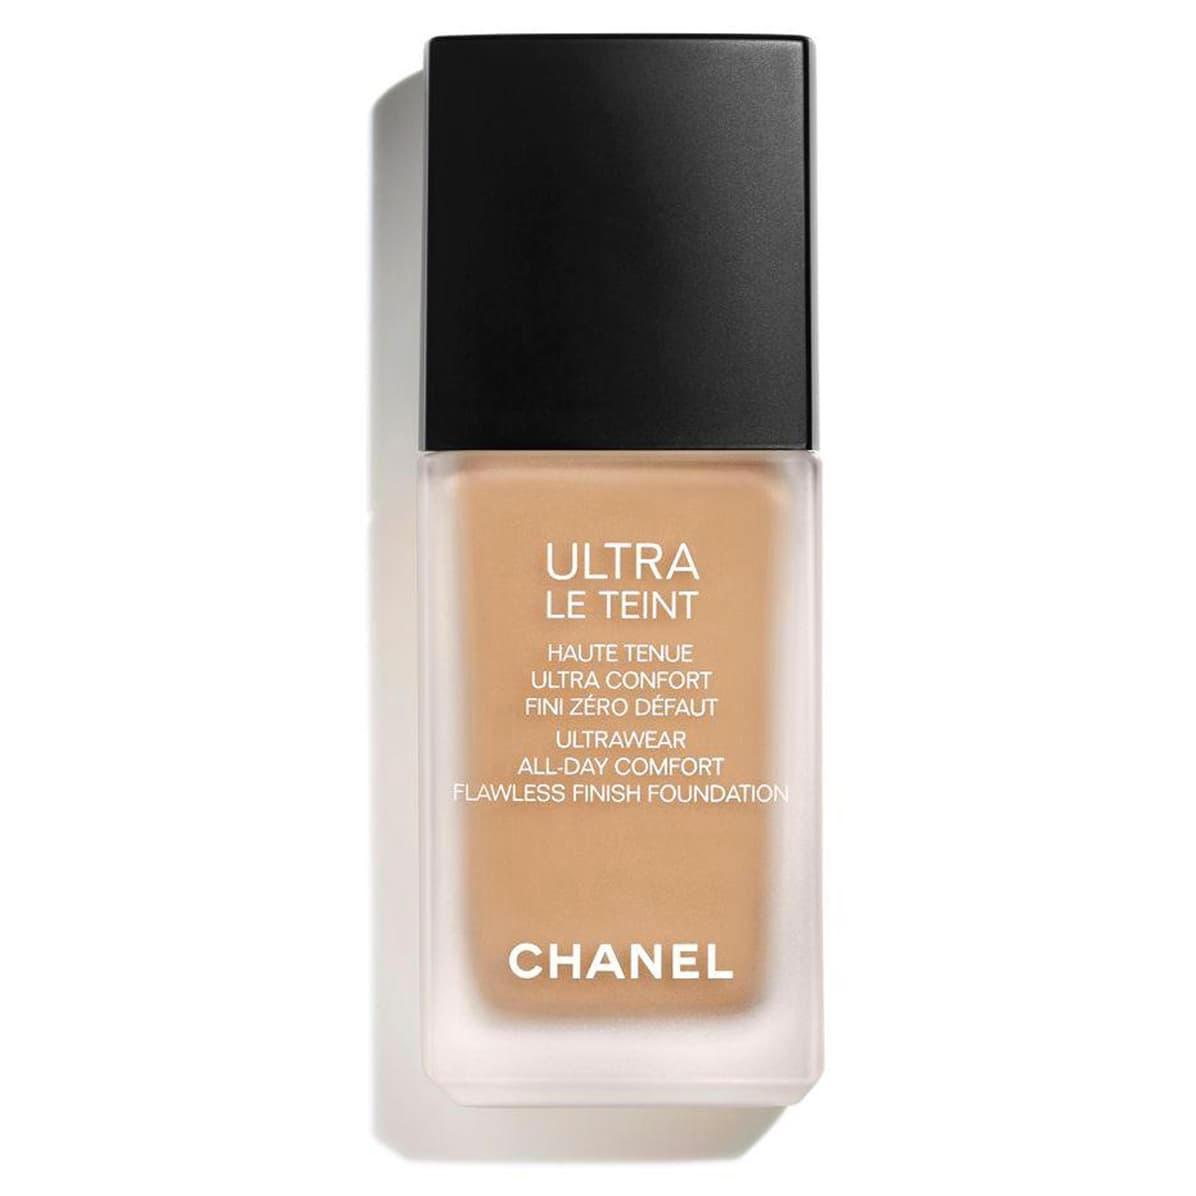 Chanel Ultra Le Teint Ultrawear Foundation B70